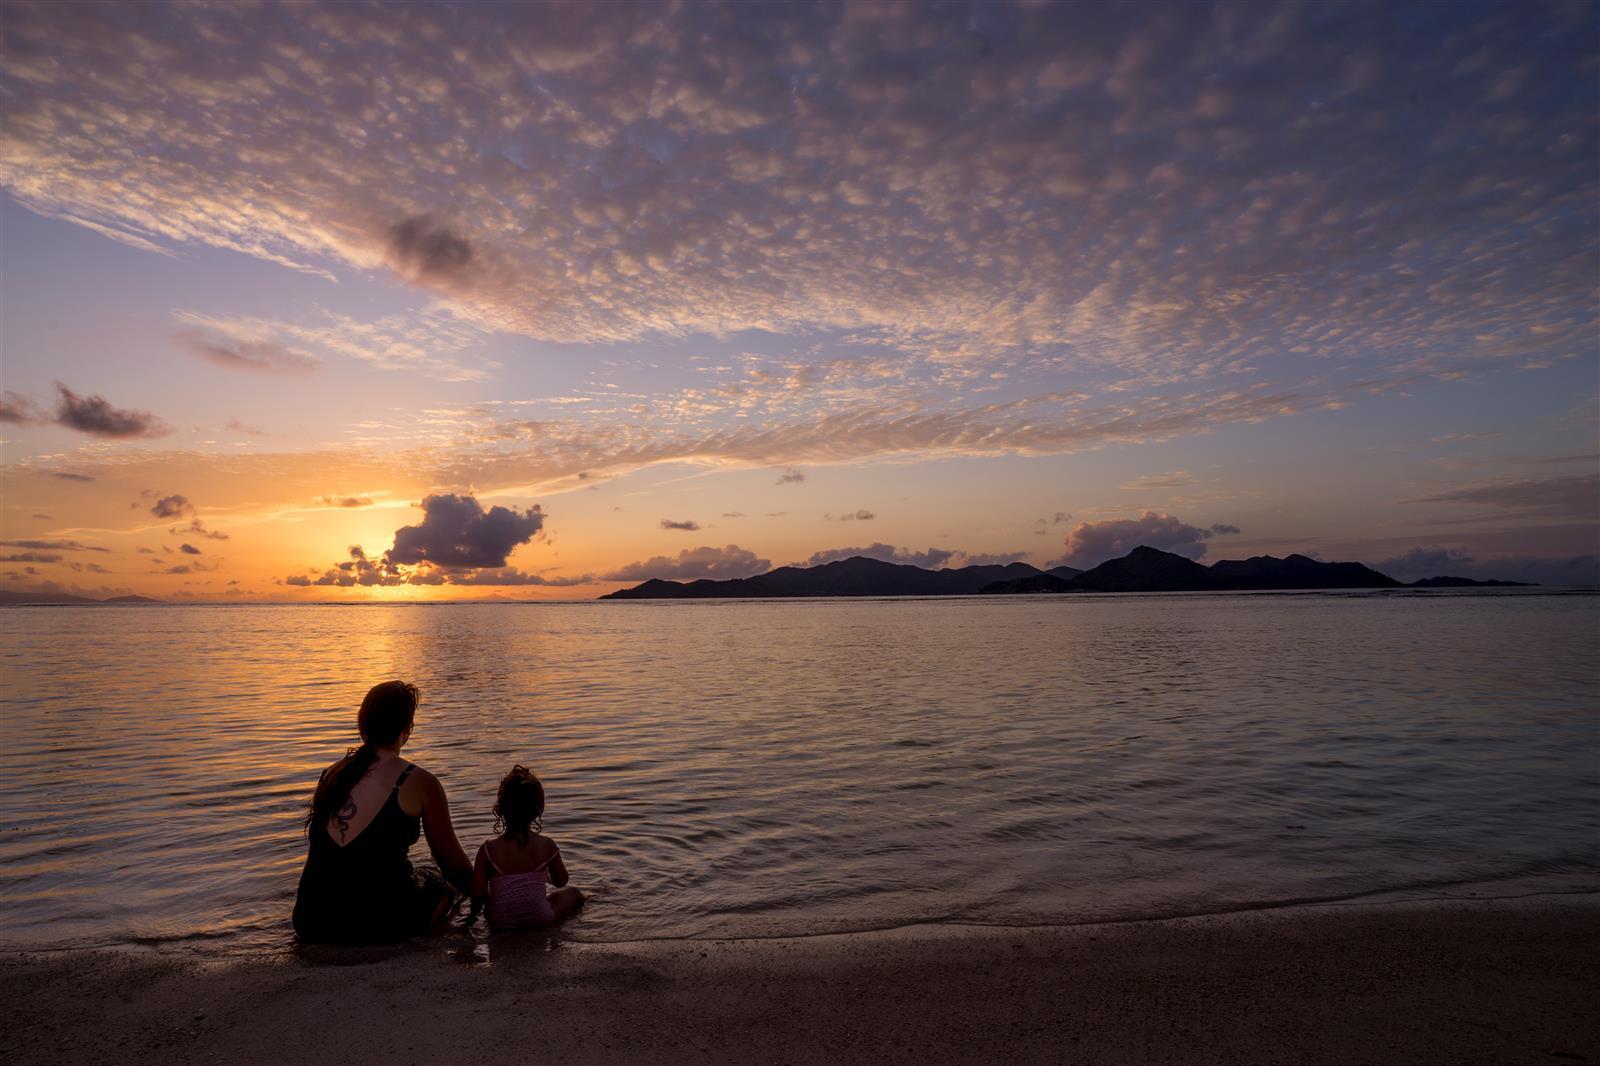 חופשה משפחתית: לא קשה כמו שחושבים (צילום: איתמר קוטלר) (צילום: איתמר קוטלר)